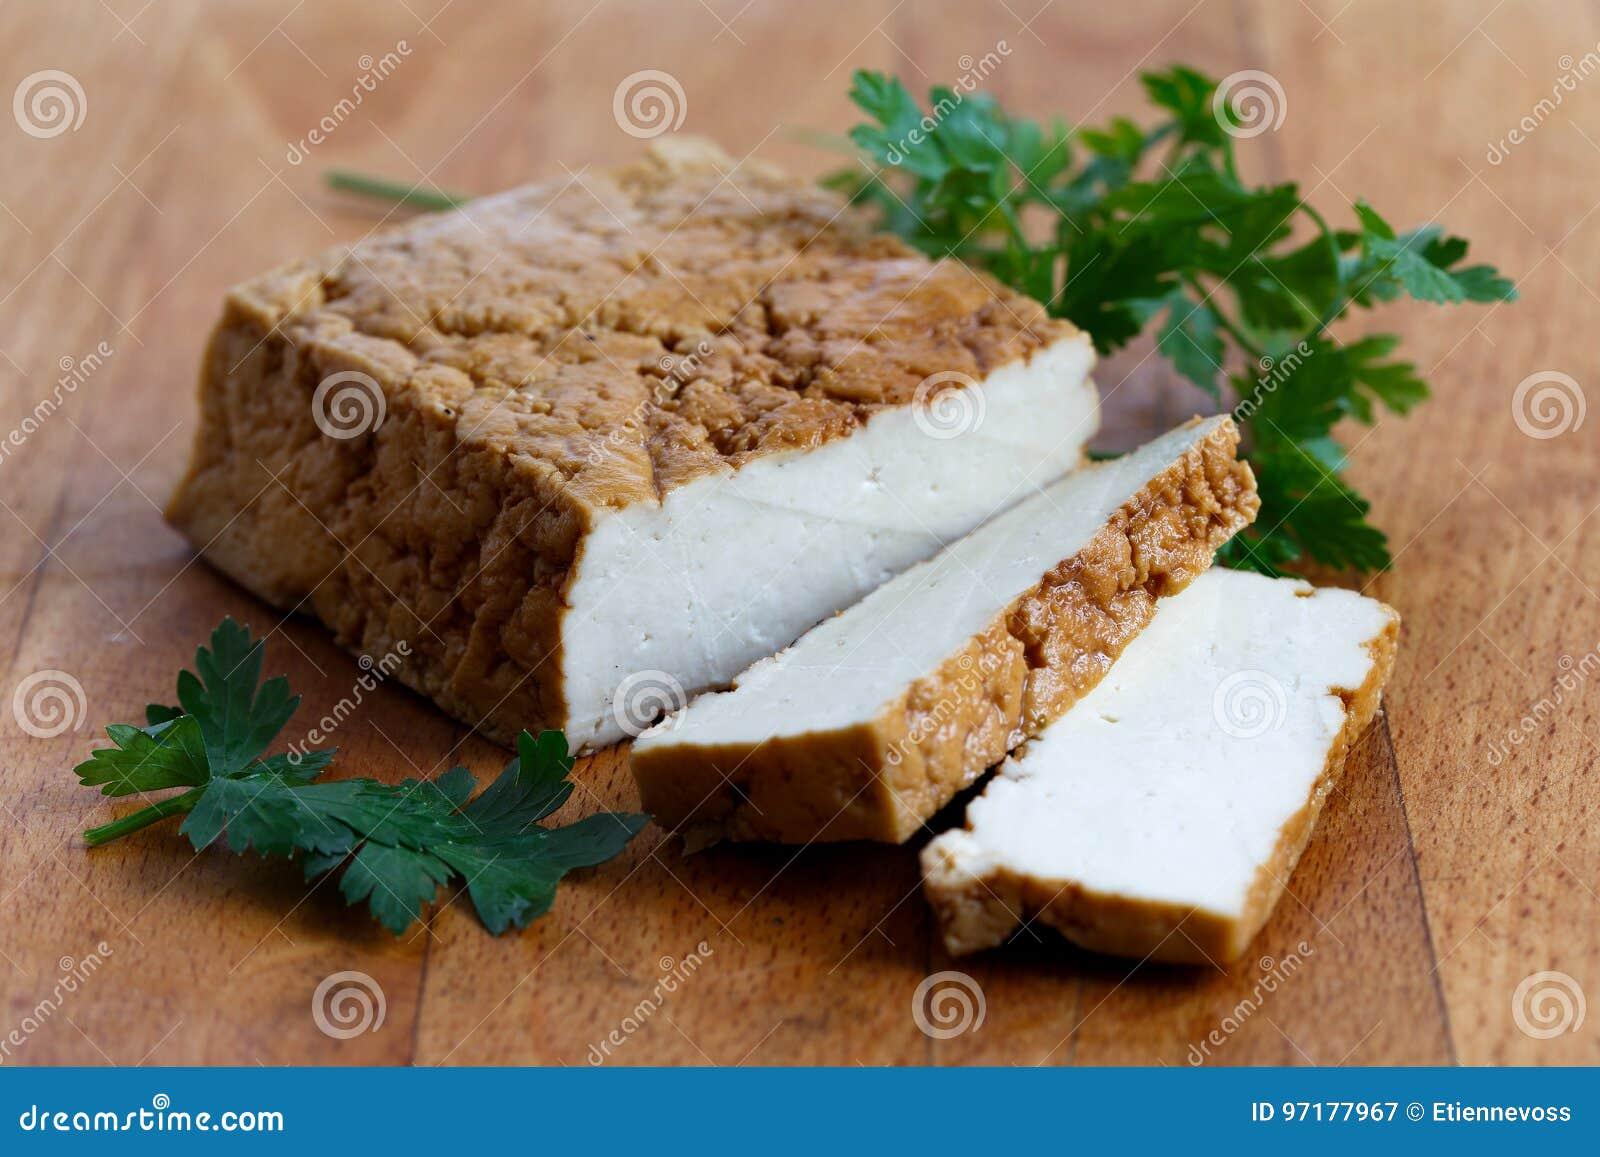 Bloco de tofu fumado, de duas fatias do tofu e de salsa fresca na madeira